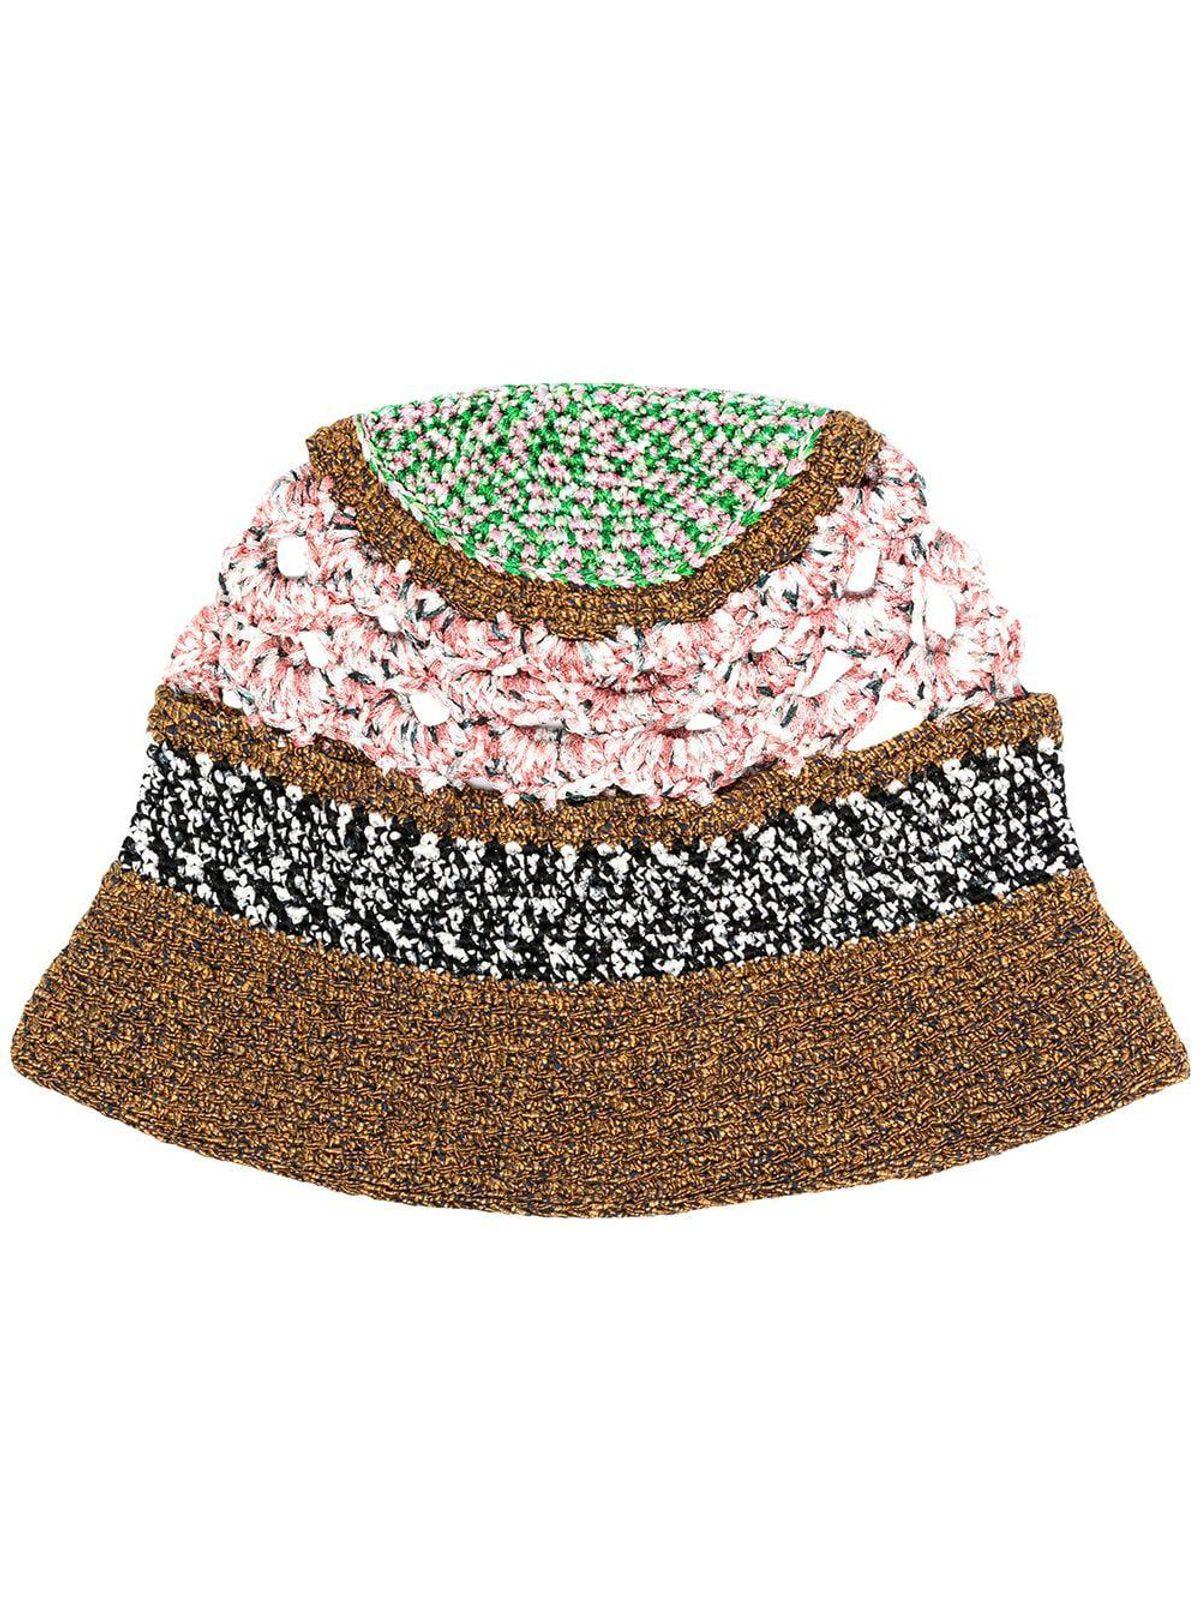 crochet knit bucket hat